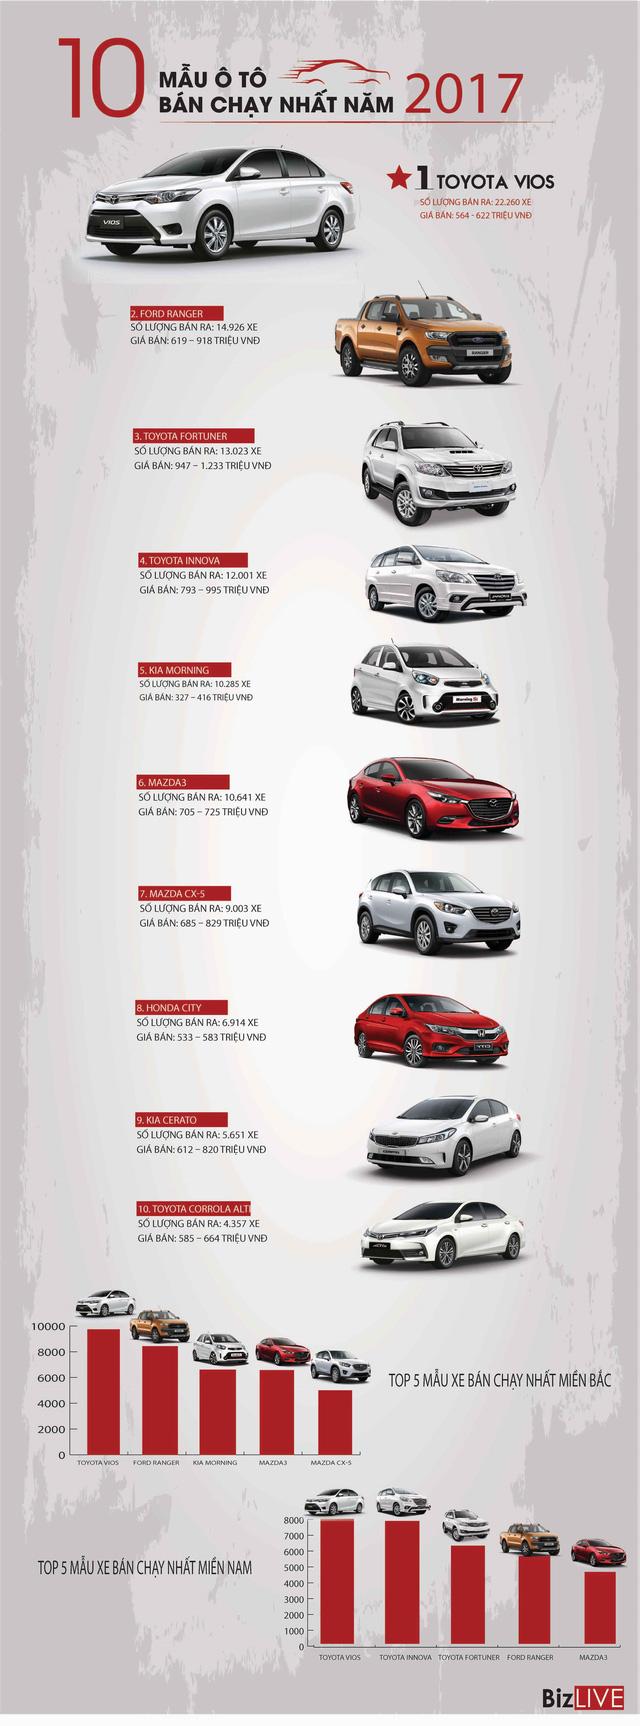 [Infographic] Sở thích mua ô tô hai miền Nam - Bắc khác nhau như thế nào? - Ảnh 1.